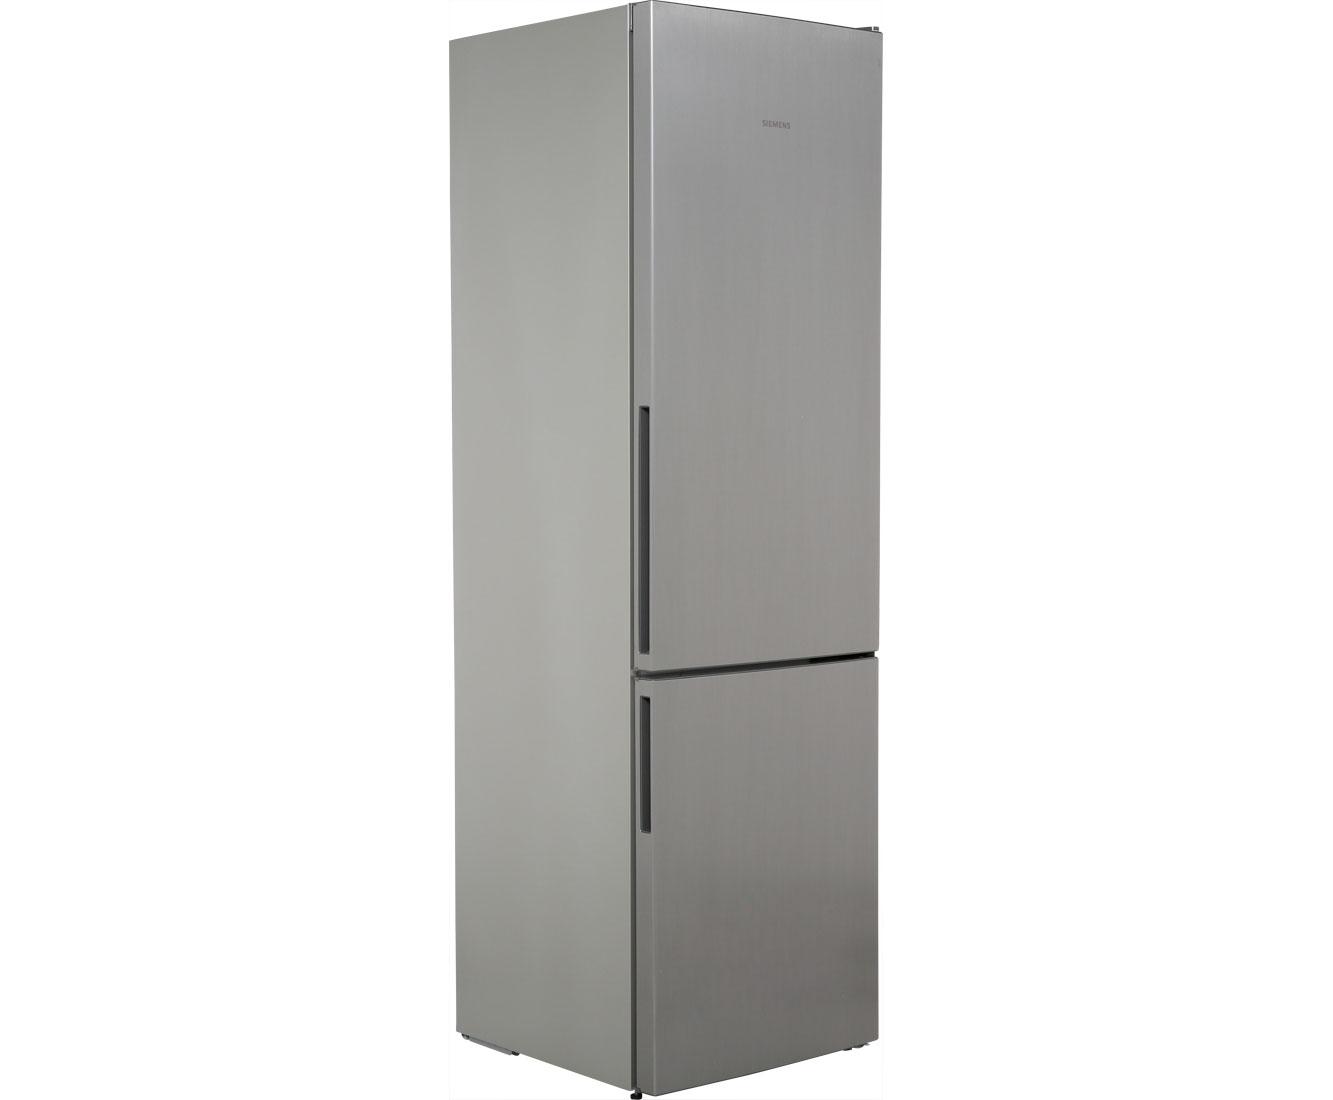 Siemens Kühlschrank Türanschlag Wechseln : Siemens iq kg vul kühl gefrierkombination er breite